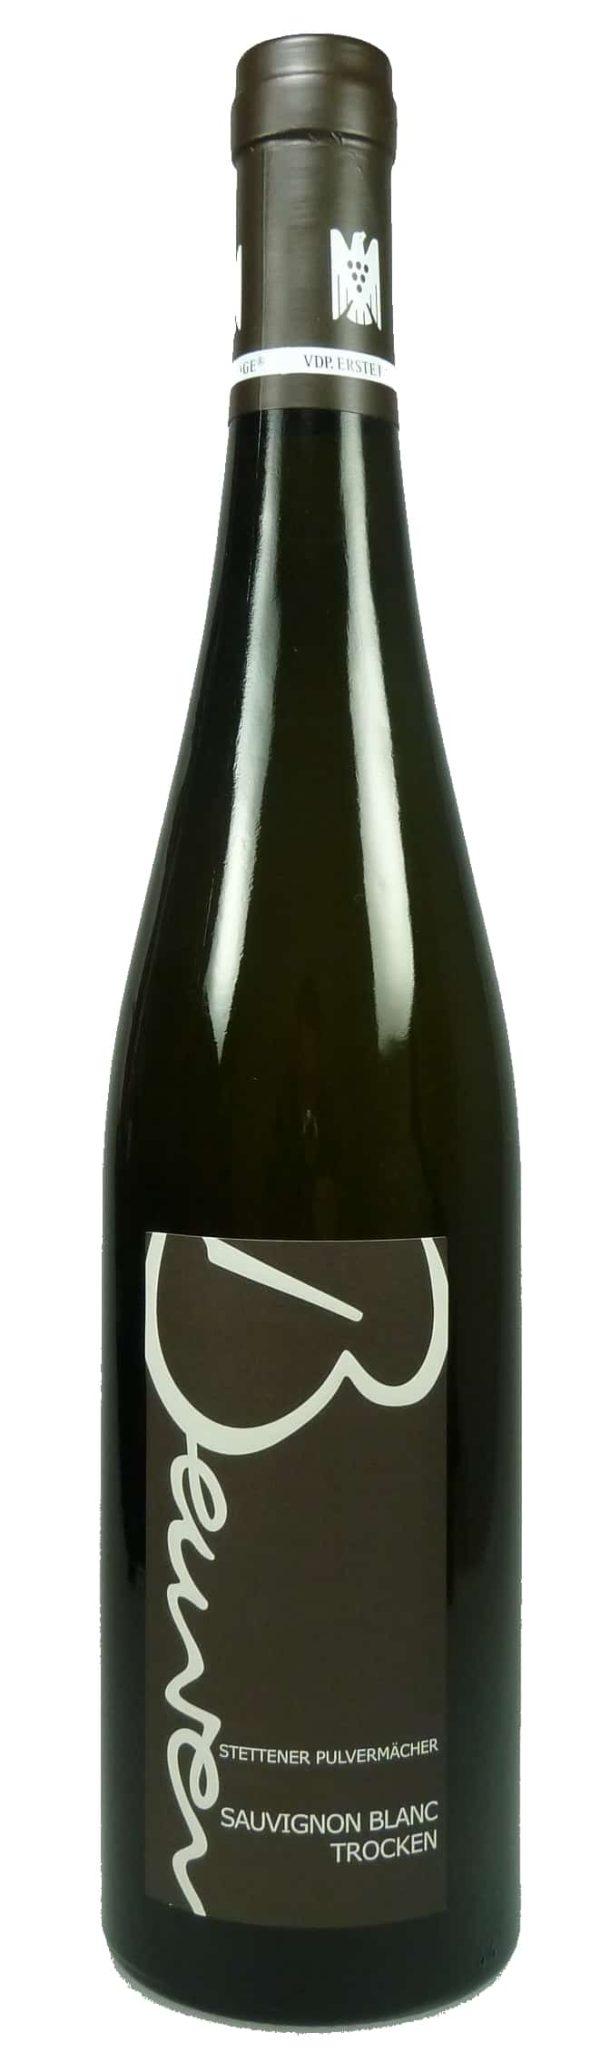 Stettener Pulvermächer Sauvignon blanc Qualitätswein trocken 2016